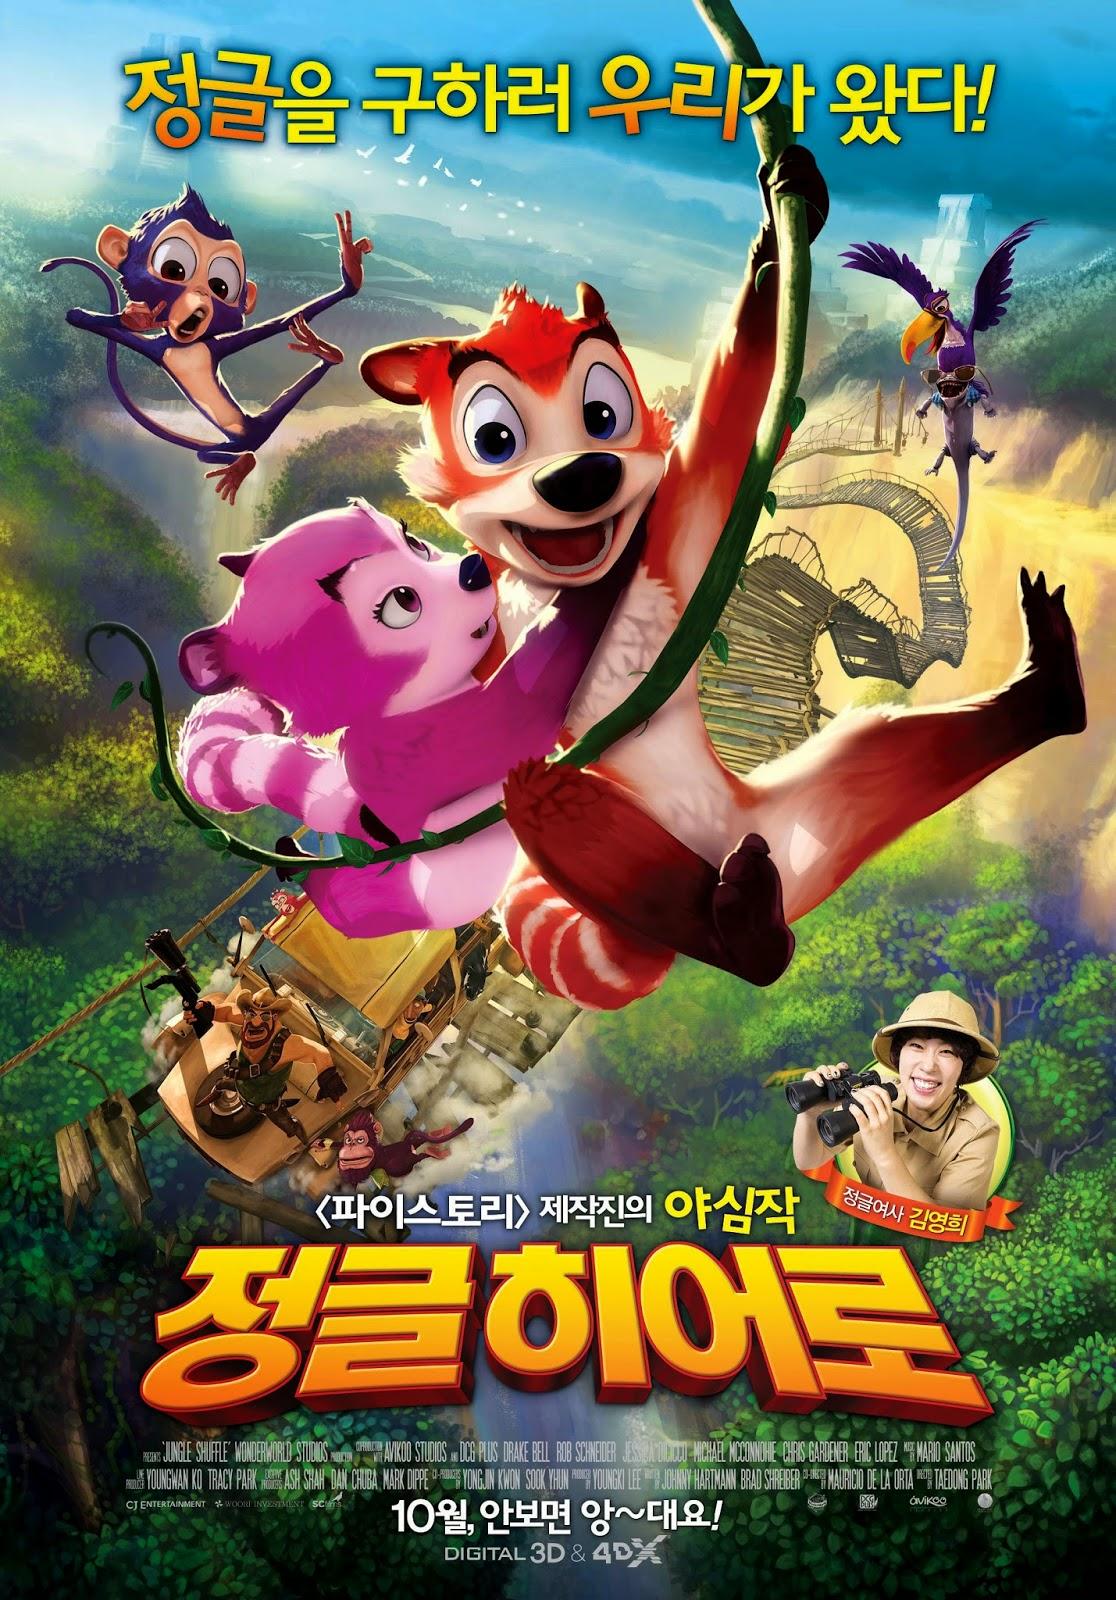 Jungle Shuffle ฮีโร่ขนฟู สู้ซ่าส์ป่าระเบิด [HD][พากย์ไทย]